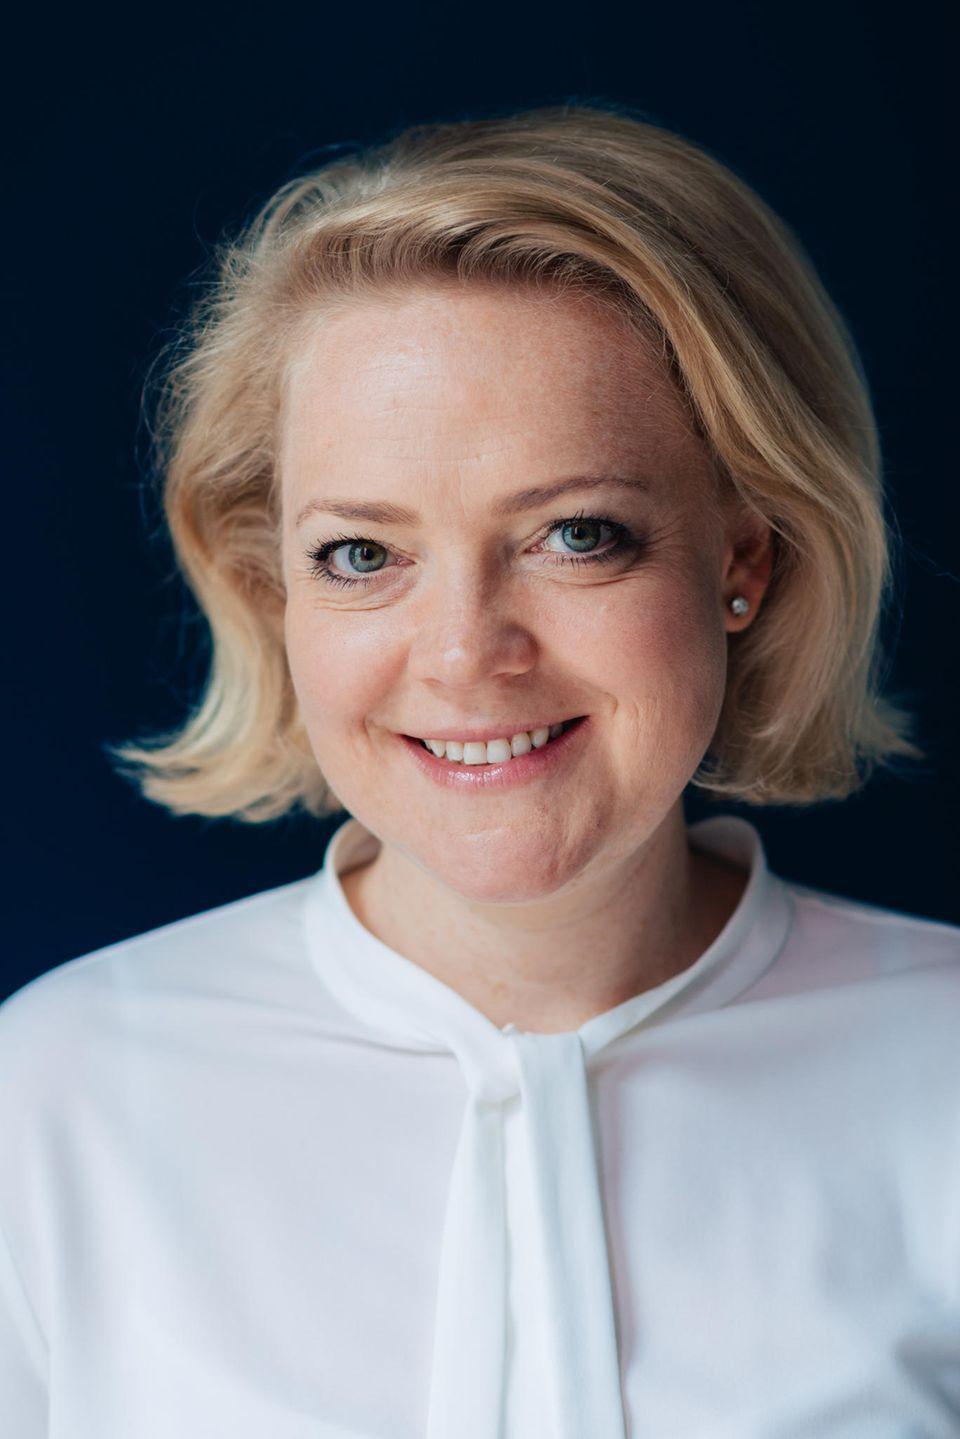 Duales Studium, klassische Uni oder Ausbildung?: Ragnhild Struss